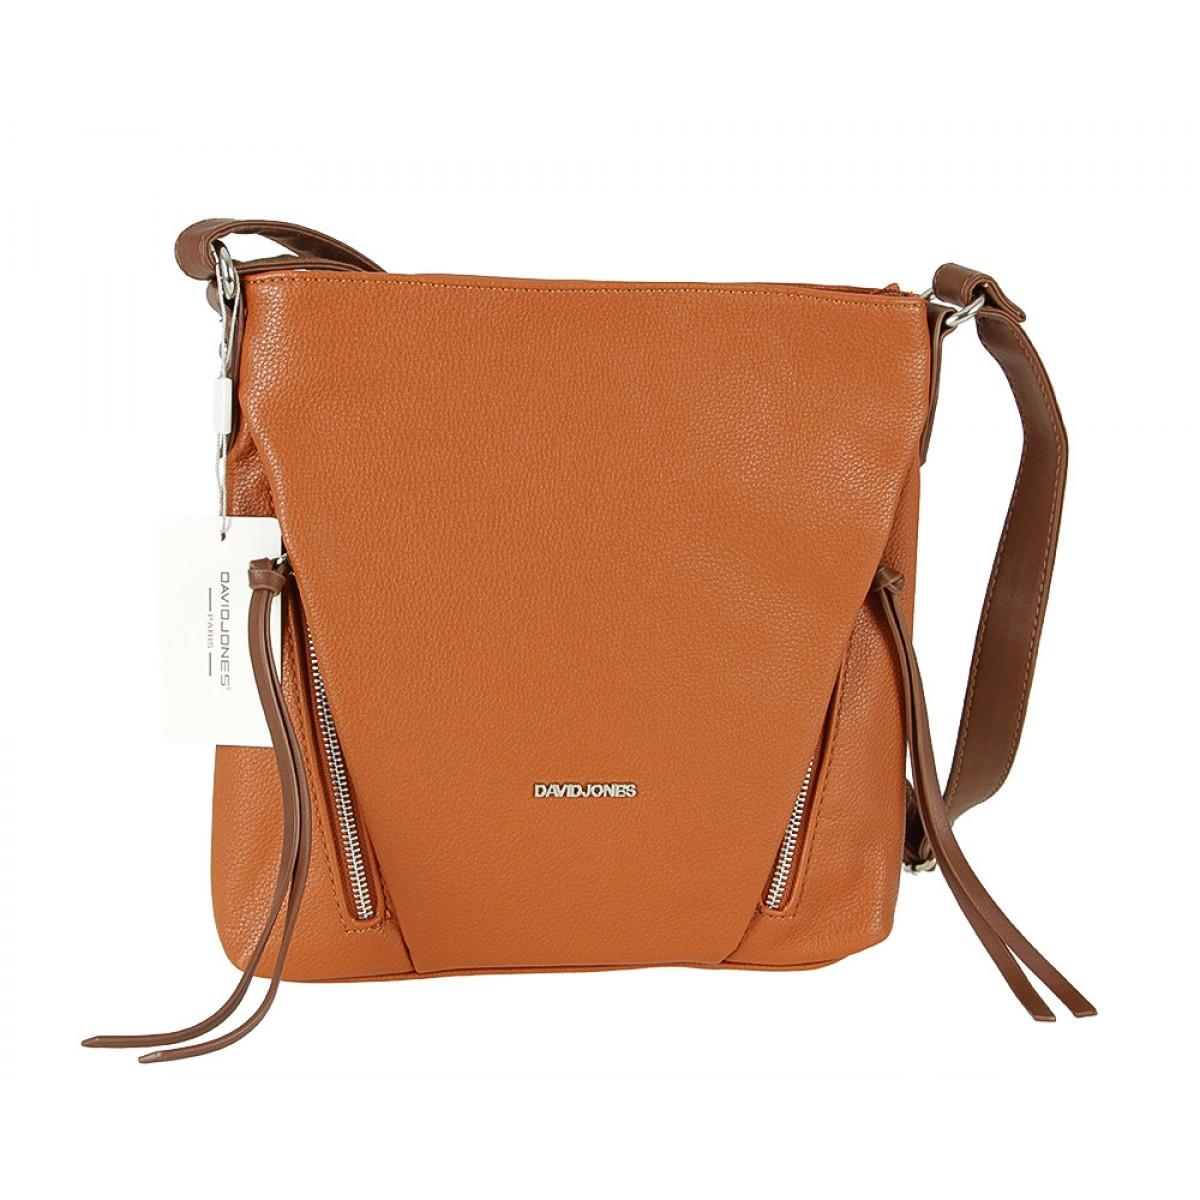 Жіноча сумка David Jones 6218-1 COGNAC